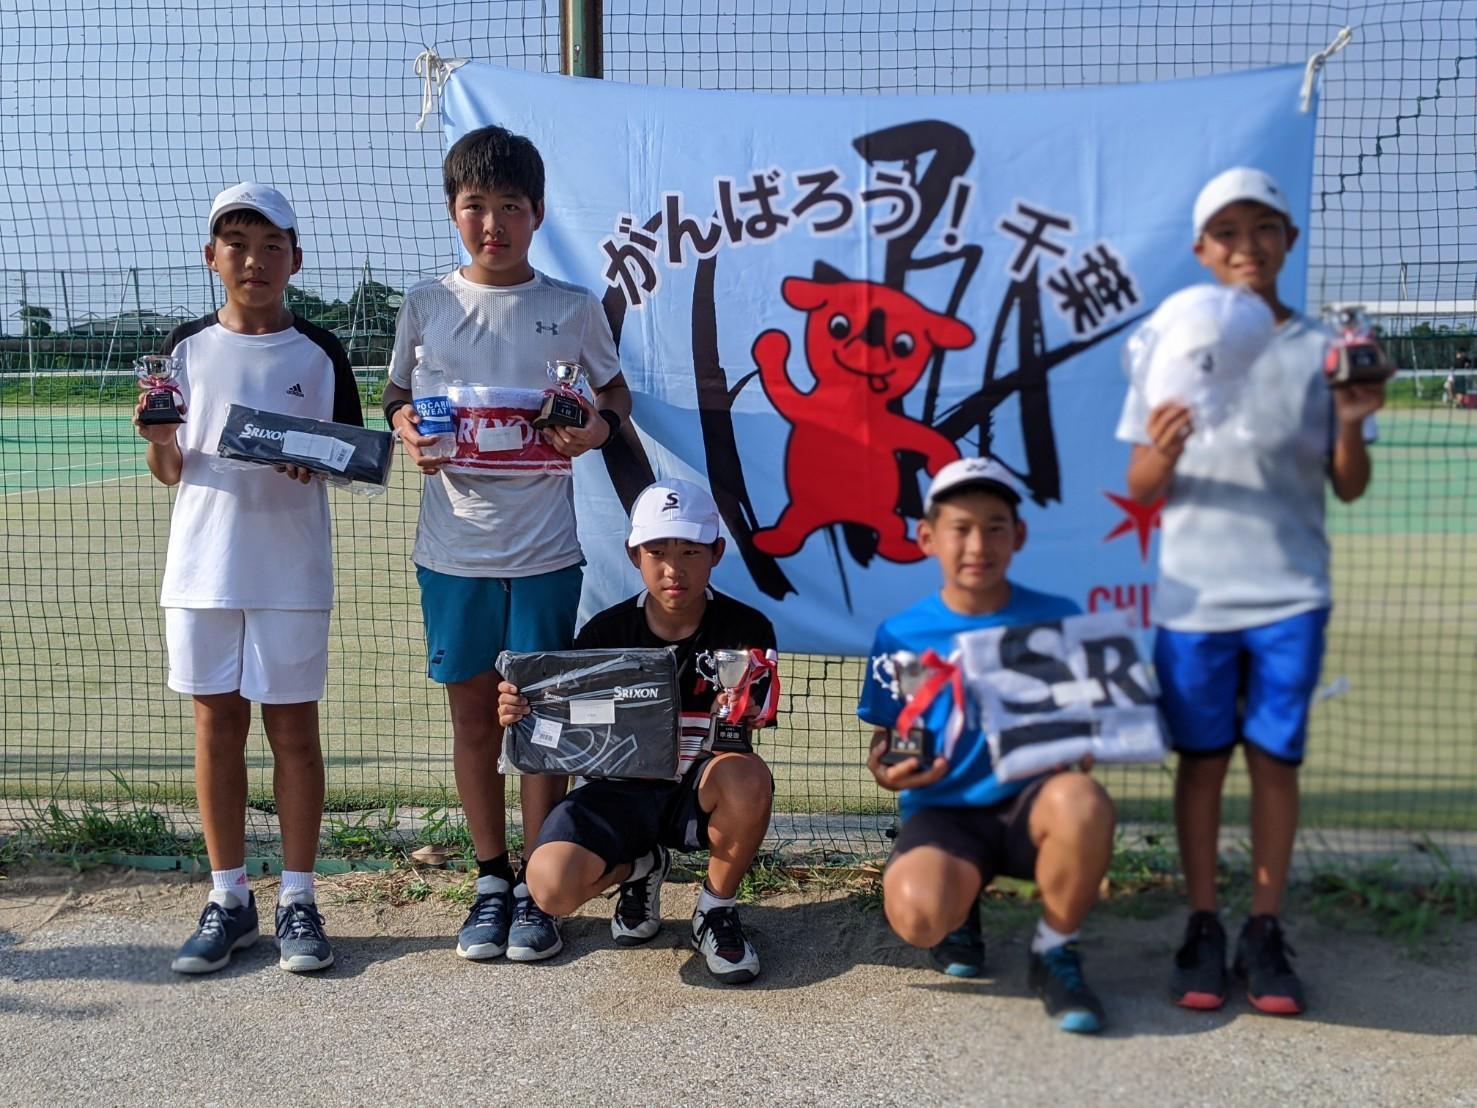 千葉ジュニアFYSカップ 本戦結果 8月16日 サニー共同コート_b0215094_21484375.jpg